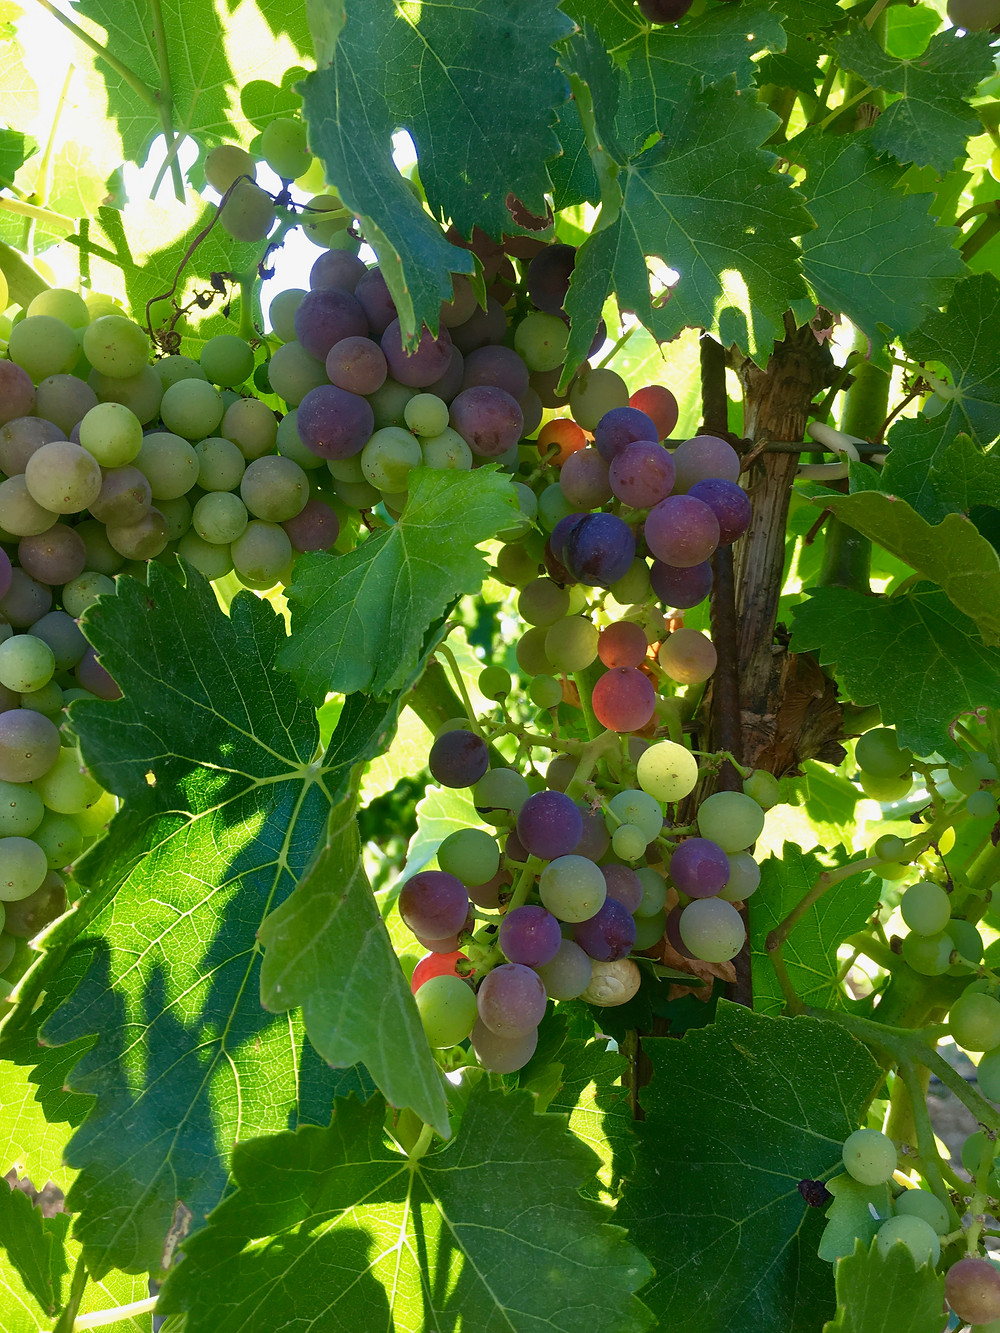 Grenache grapes in the veraison stage